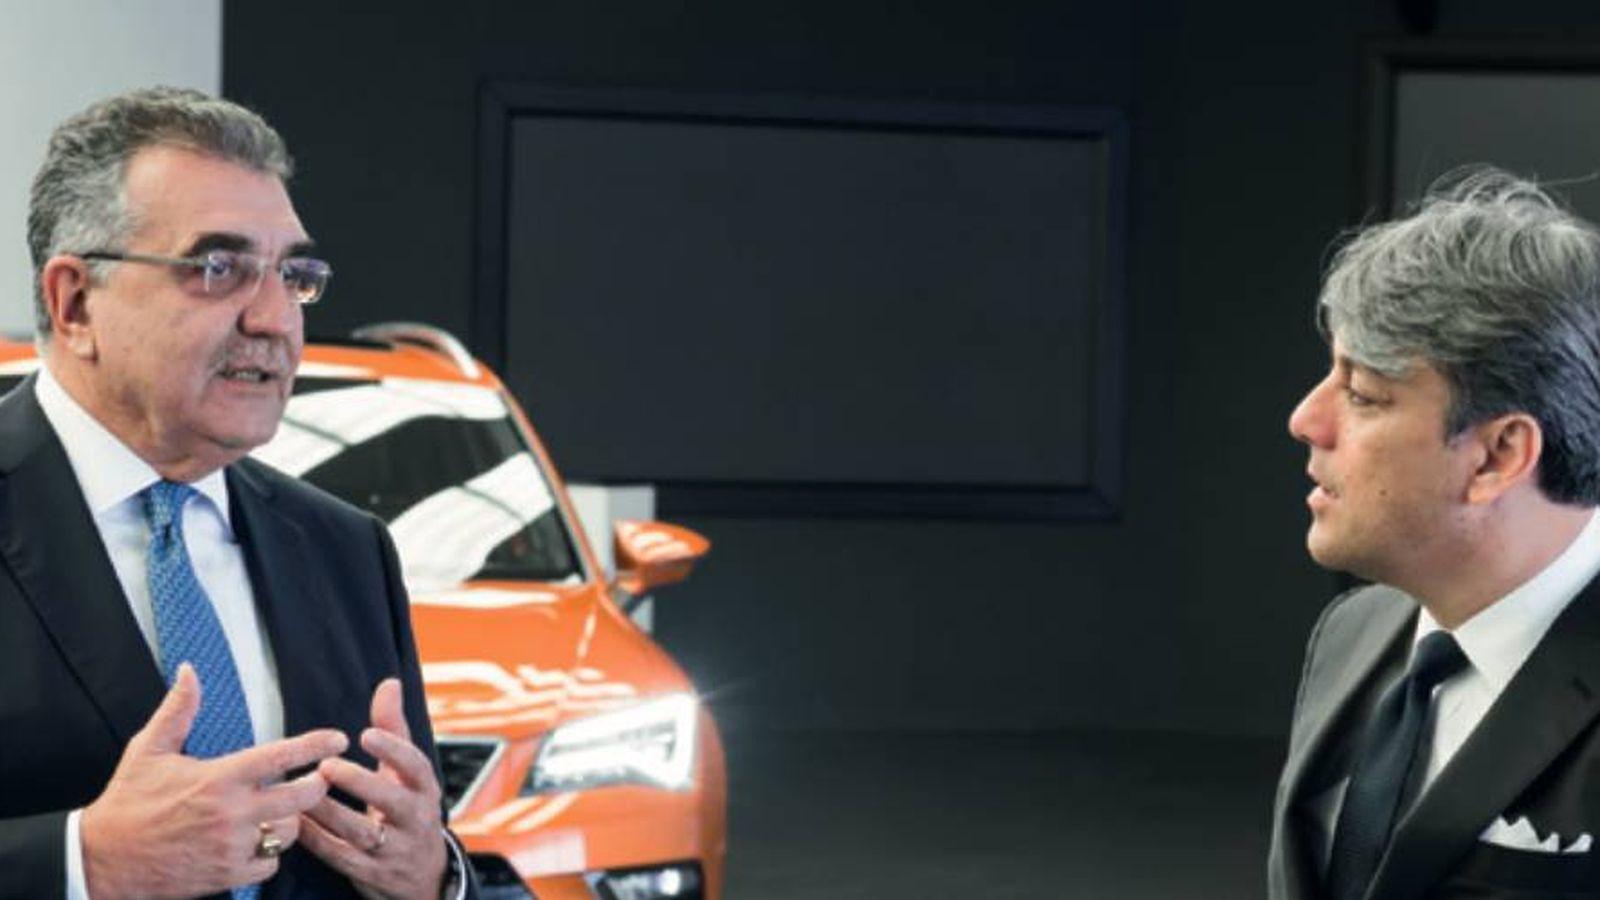 Foto: El presidente de Seat, Luca de Meo, con el vicepresidente de compras de VW, Francisco Javier García Sanz. (Fuente: Seat)